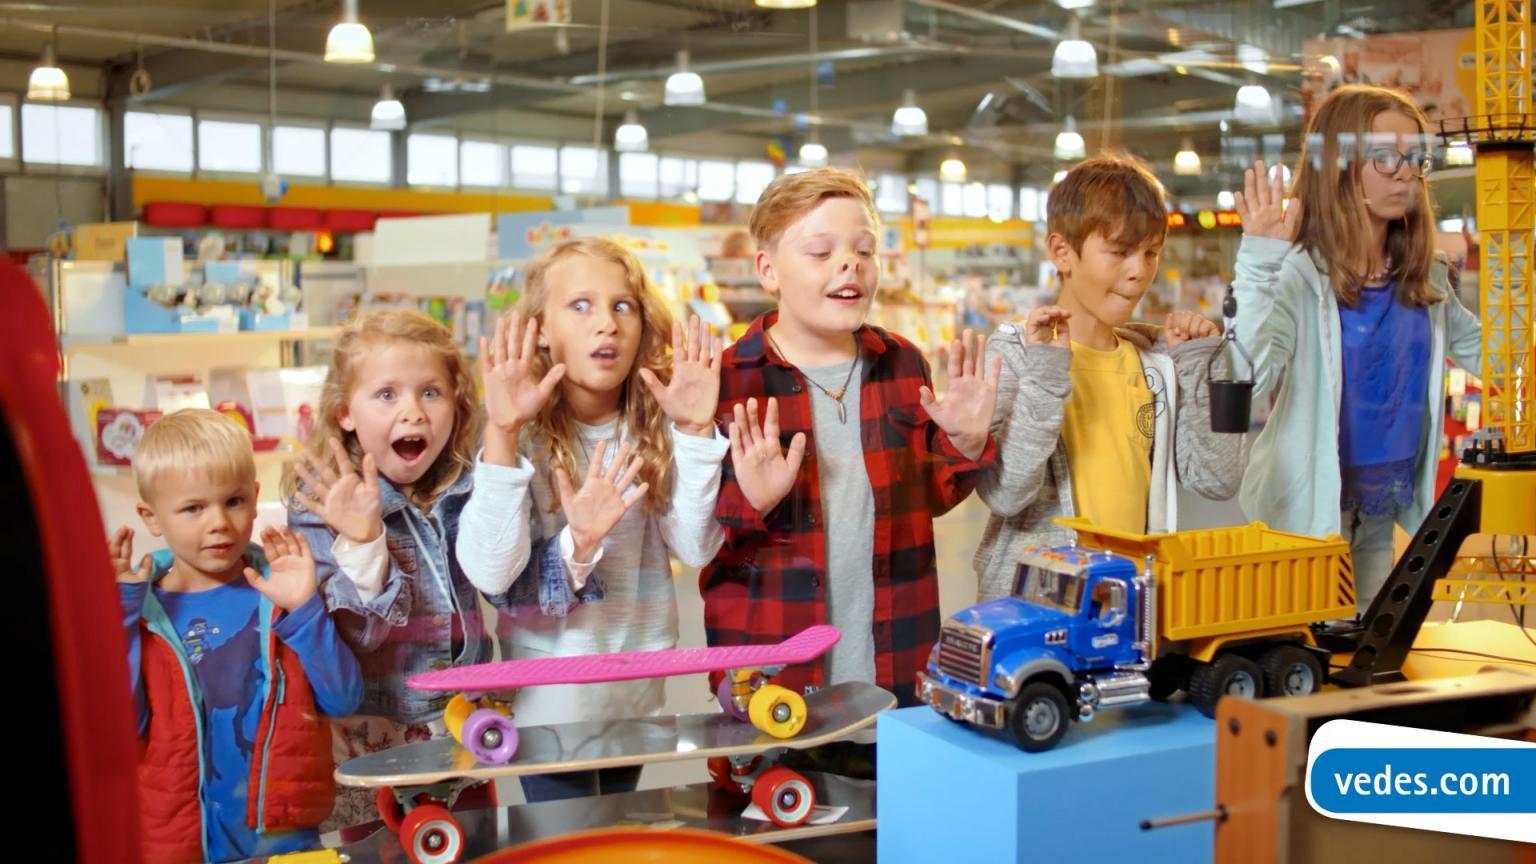 Kinder drücken sich die Nase platt bei der Filmproduktion der just GmbH für den TV-Spot der VEDES Spielwaren.